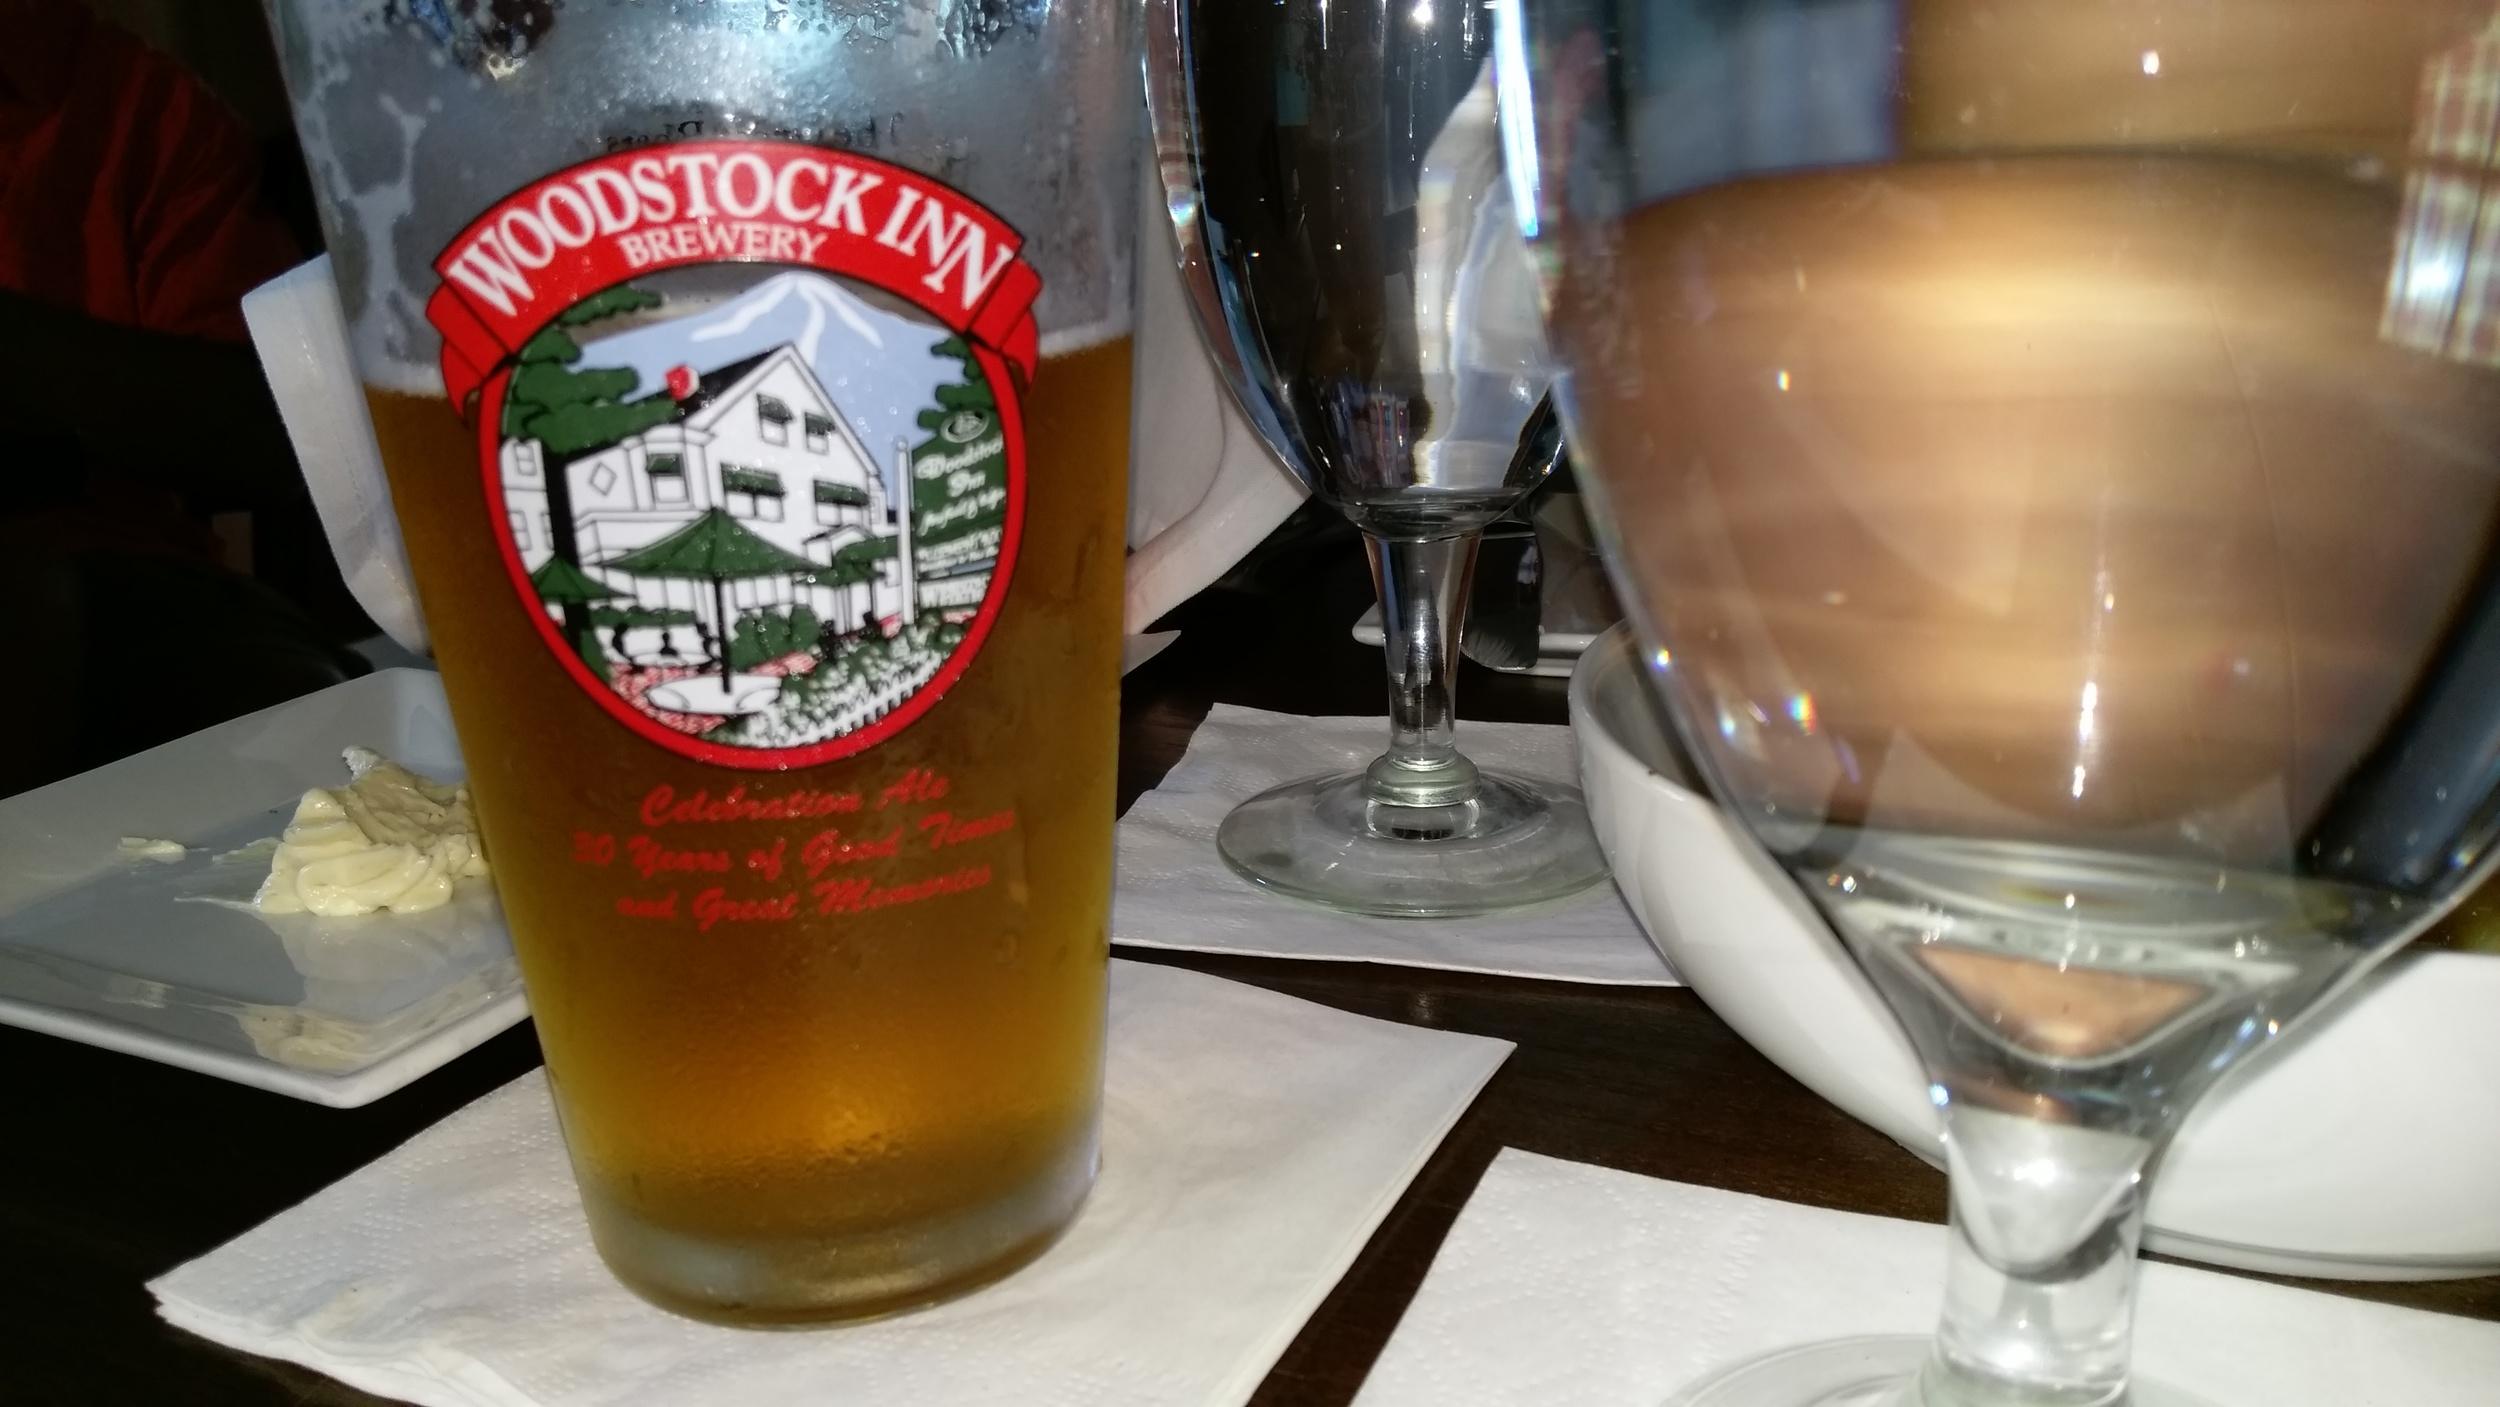 Mmmmmm beer